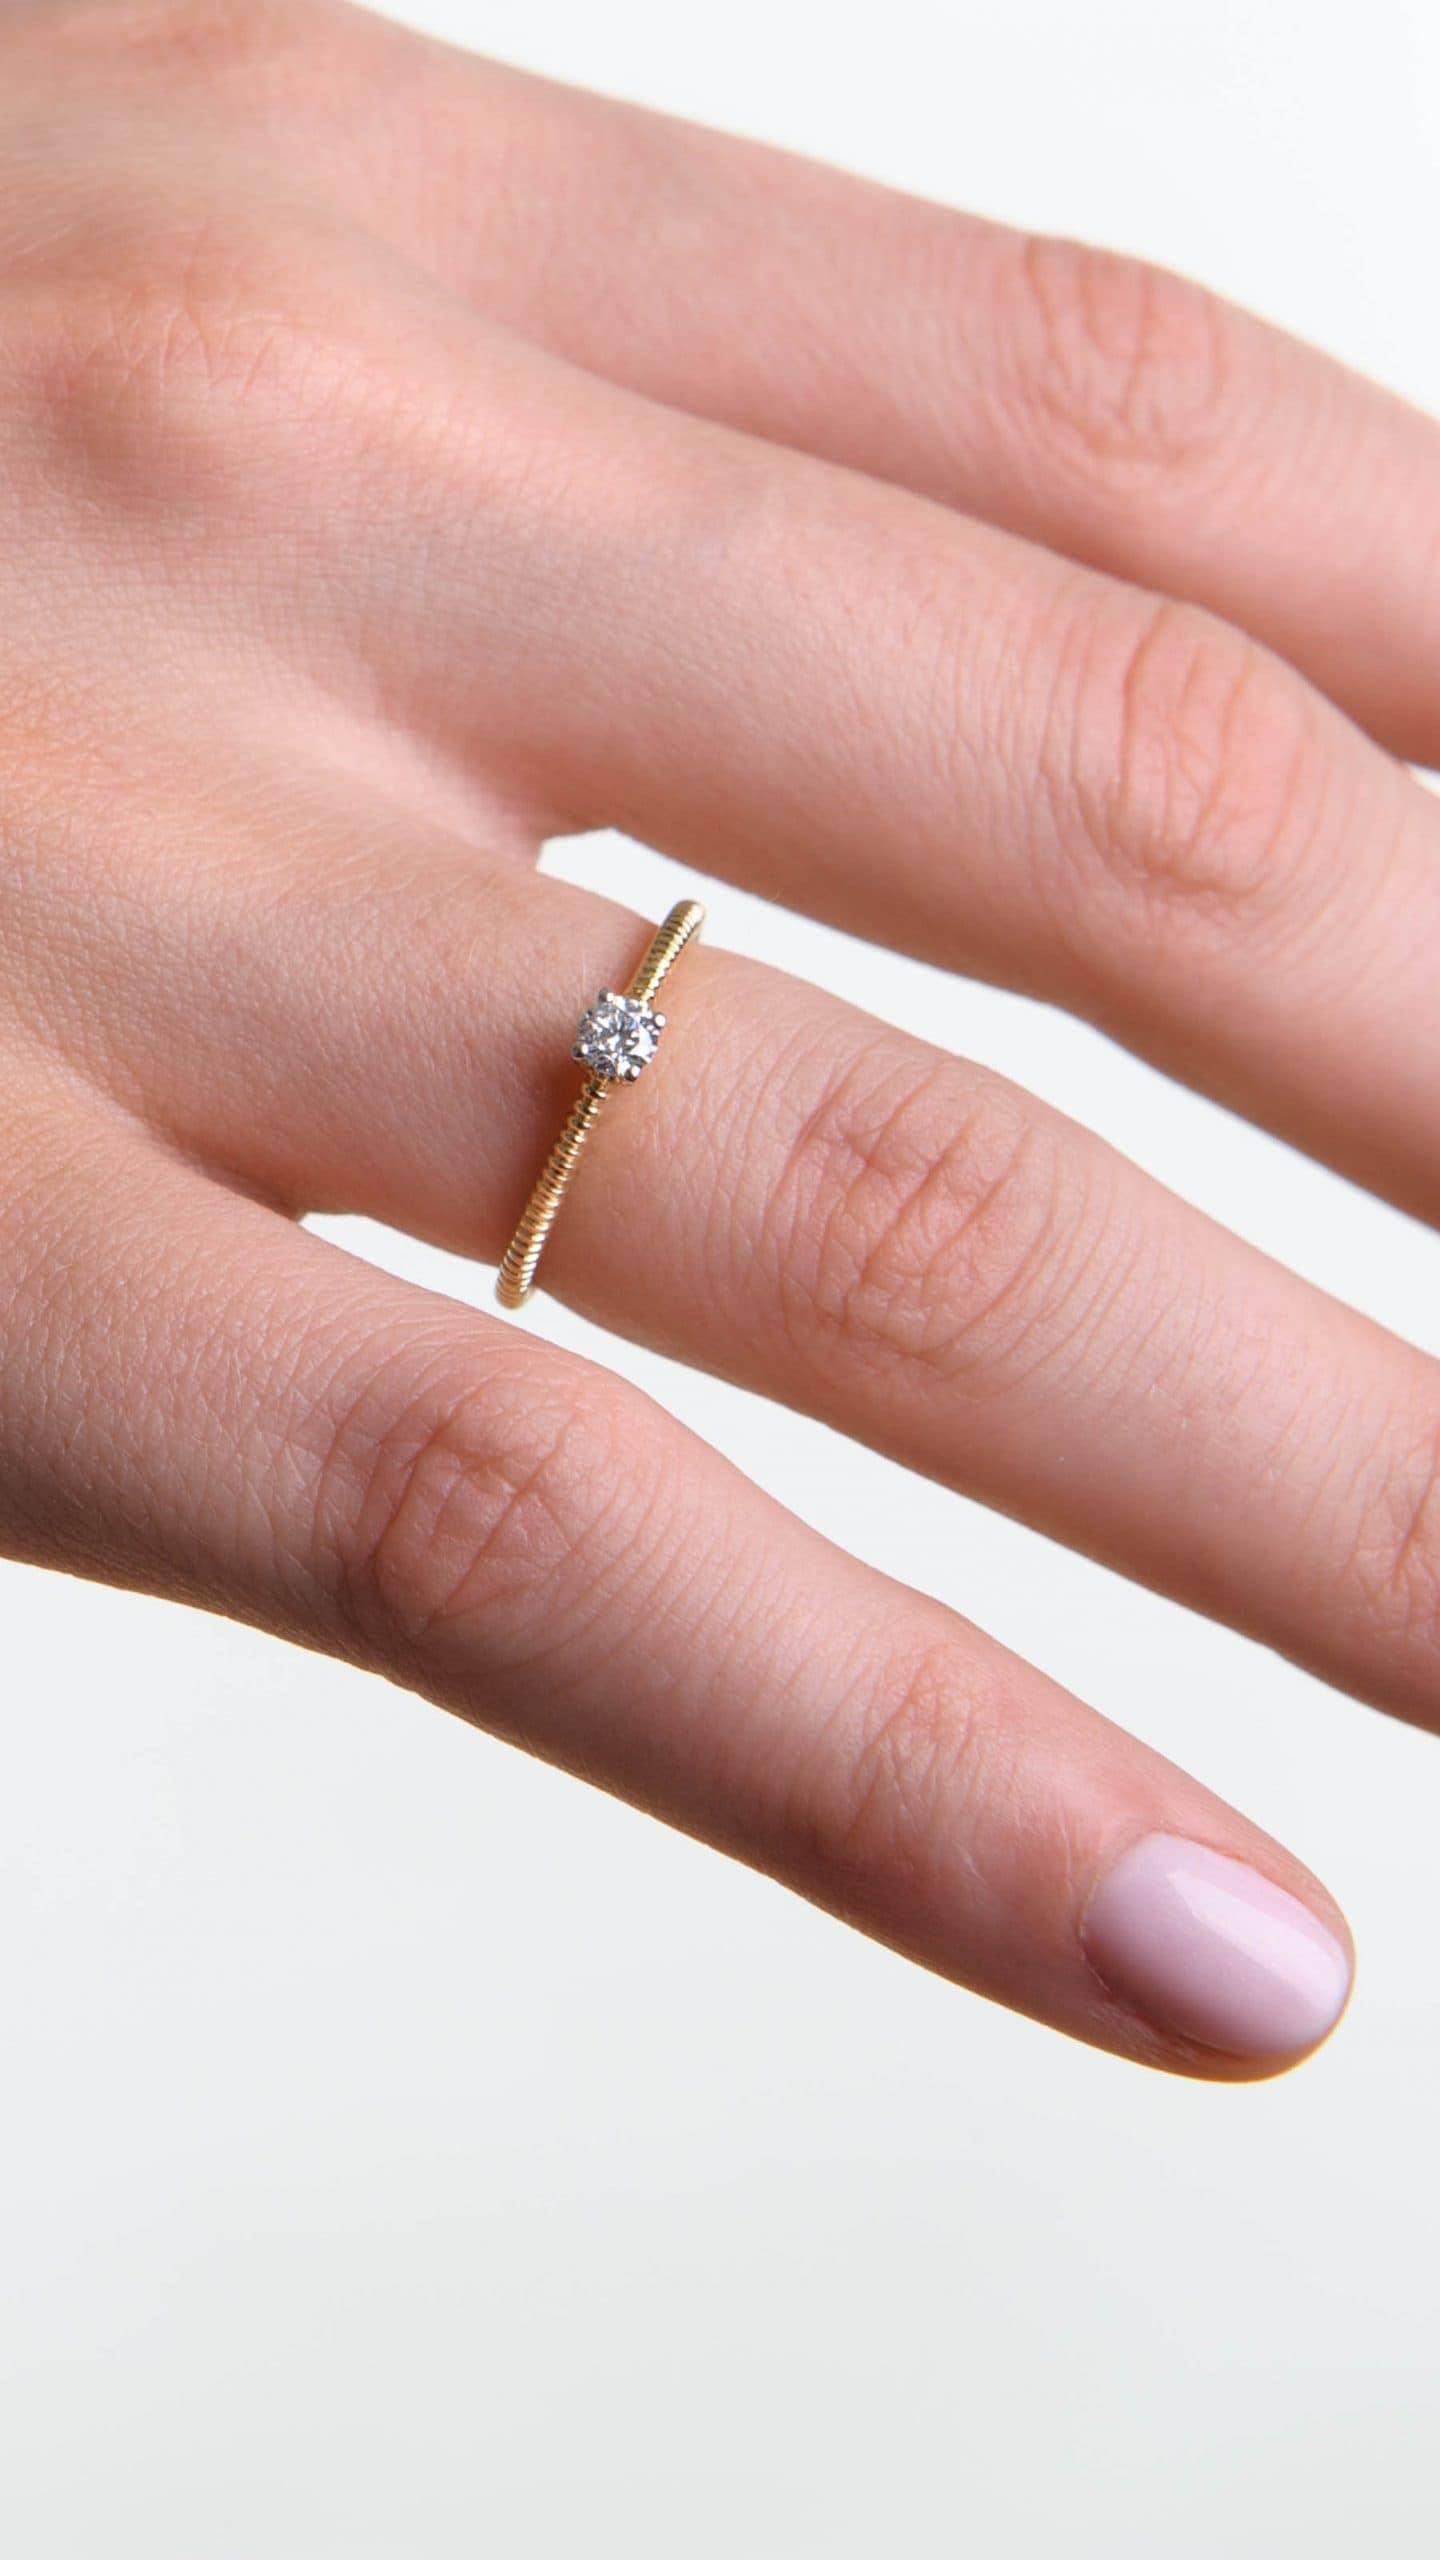 Modelka prezentuje na dłoni pierścionek z żółtego złota z centralnie osadzonym diamentem